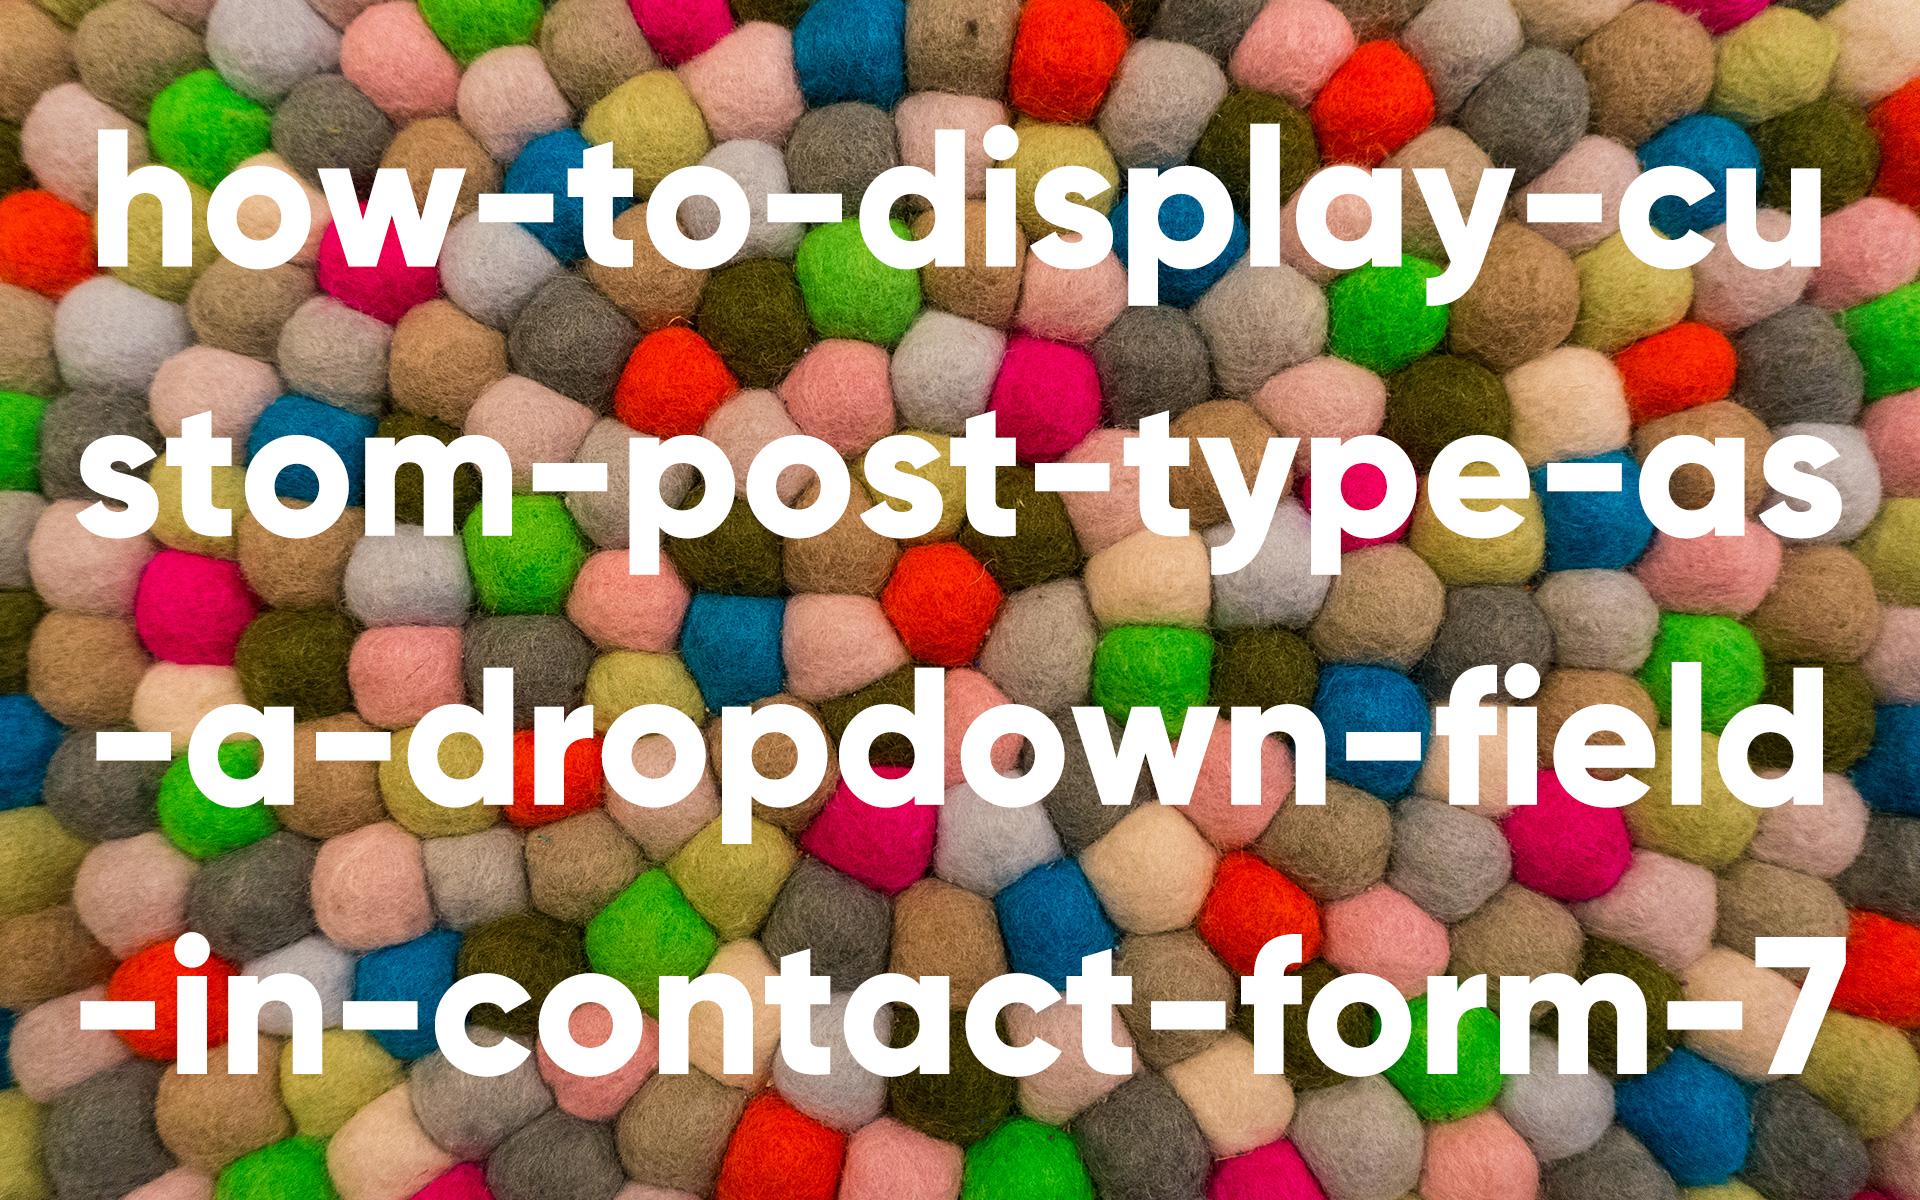 ホームページ制作/Web制作でWordPressカスタム投稿タイプを使用する時タイトル一覧をContact Form 7にドロップダウン形式で表示する方法